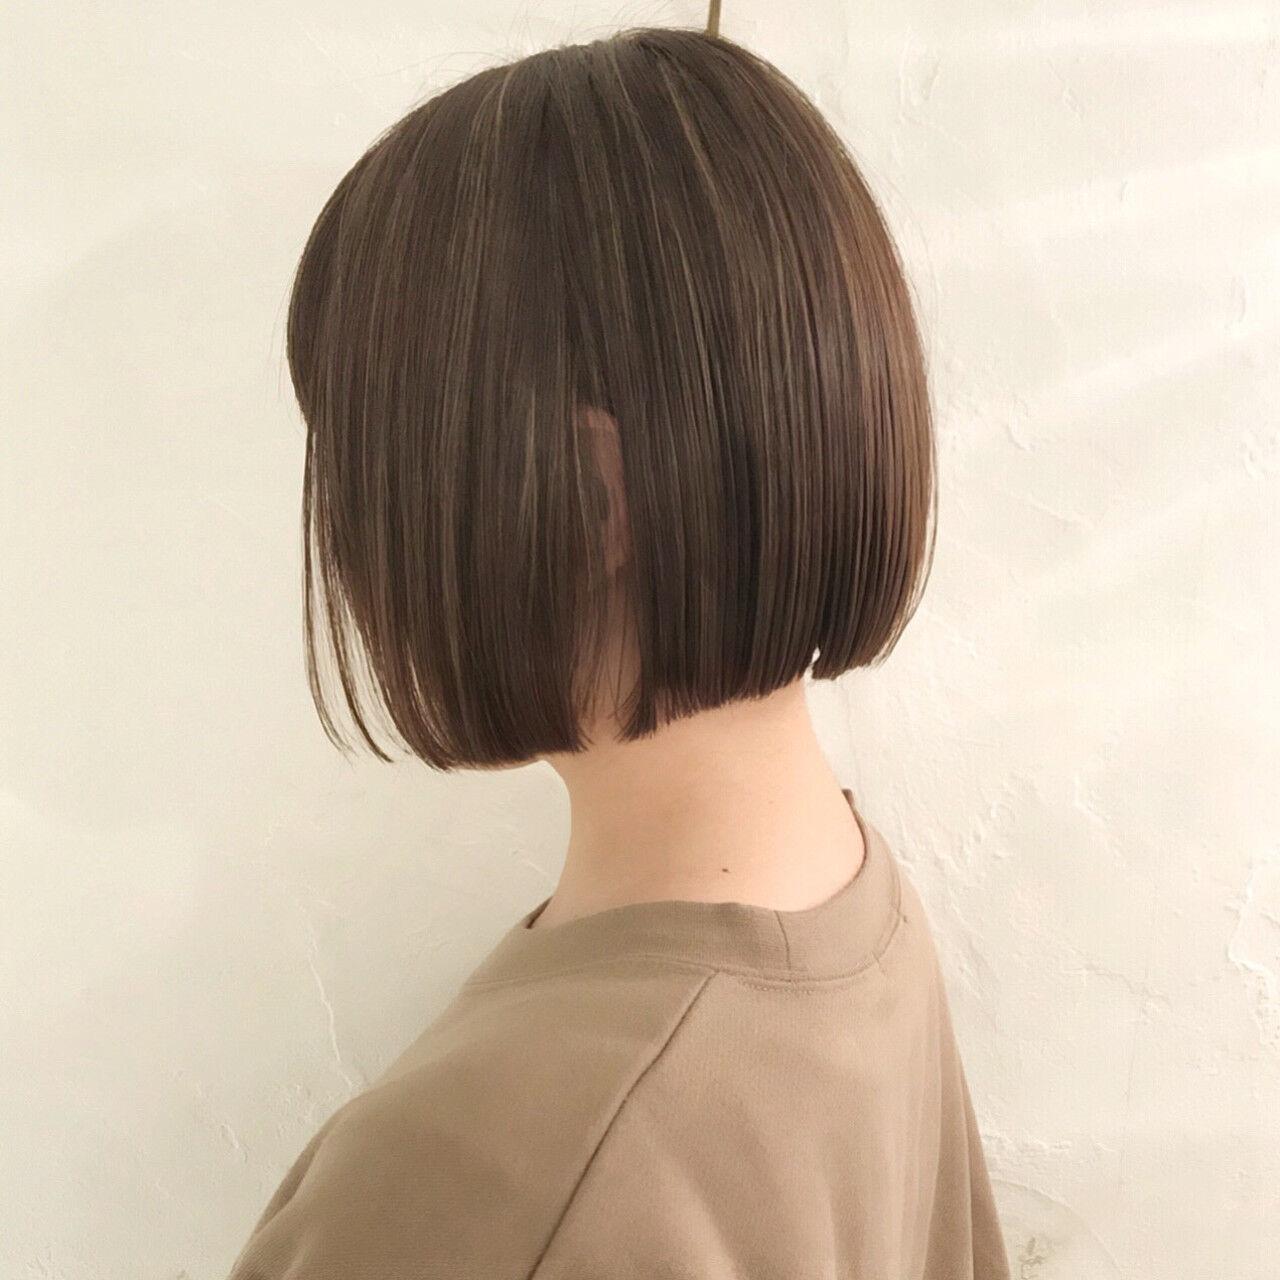 切りっぱなしボブ ショートボブ 前下がりボブ オフィスヘアスタイルや髪型の写真・画像